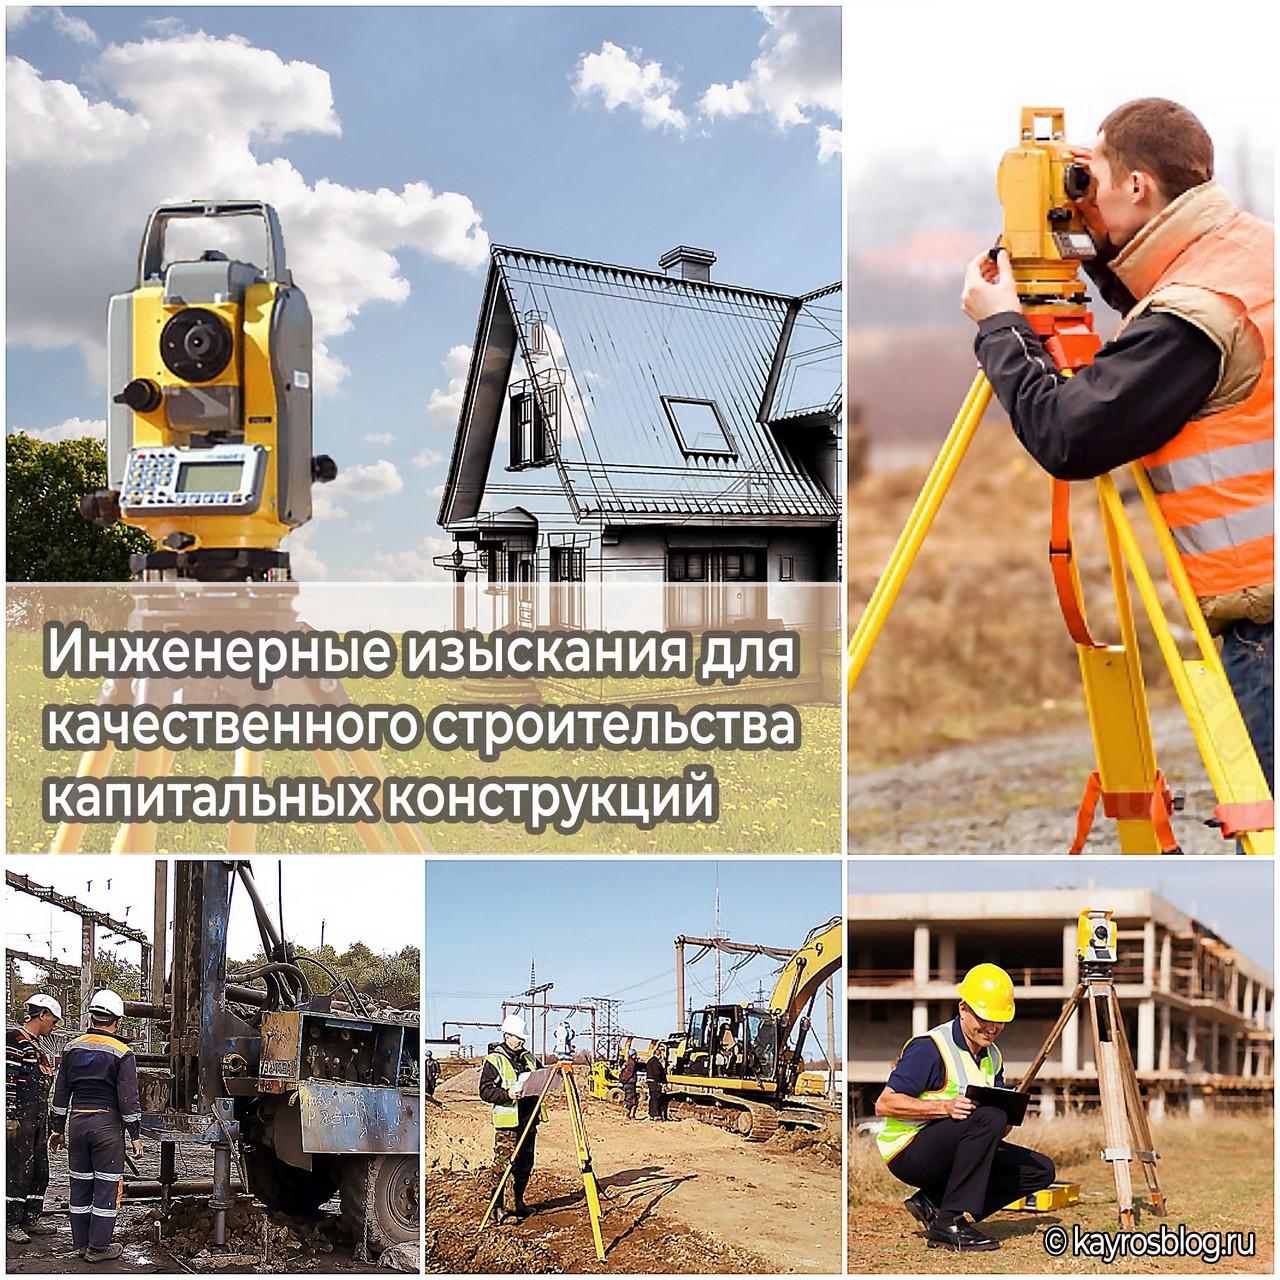 Инженерные изыскания для качественного строительства капитальных конструкций